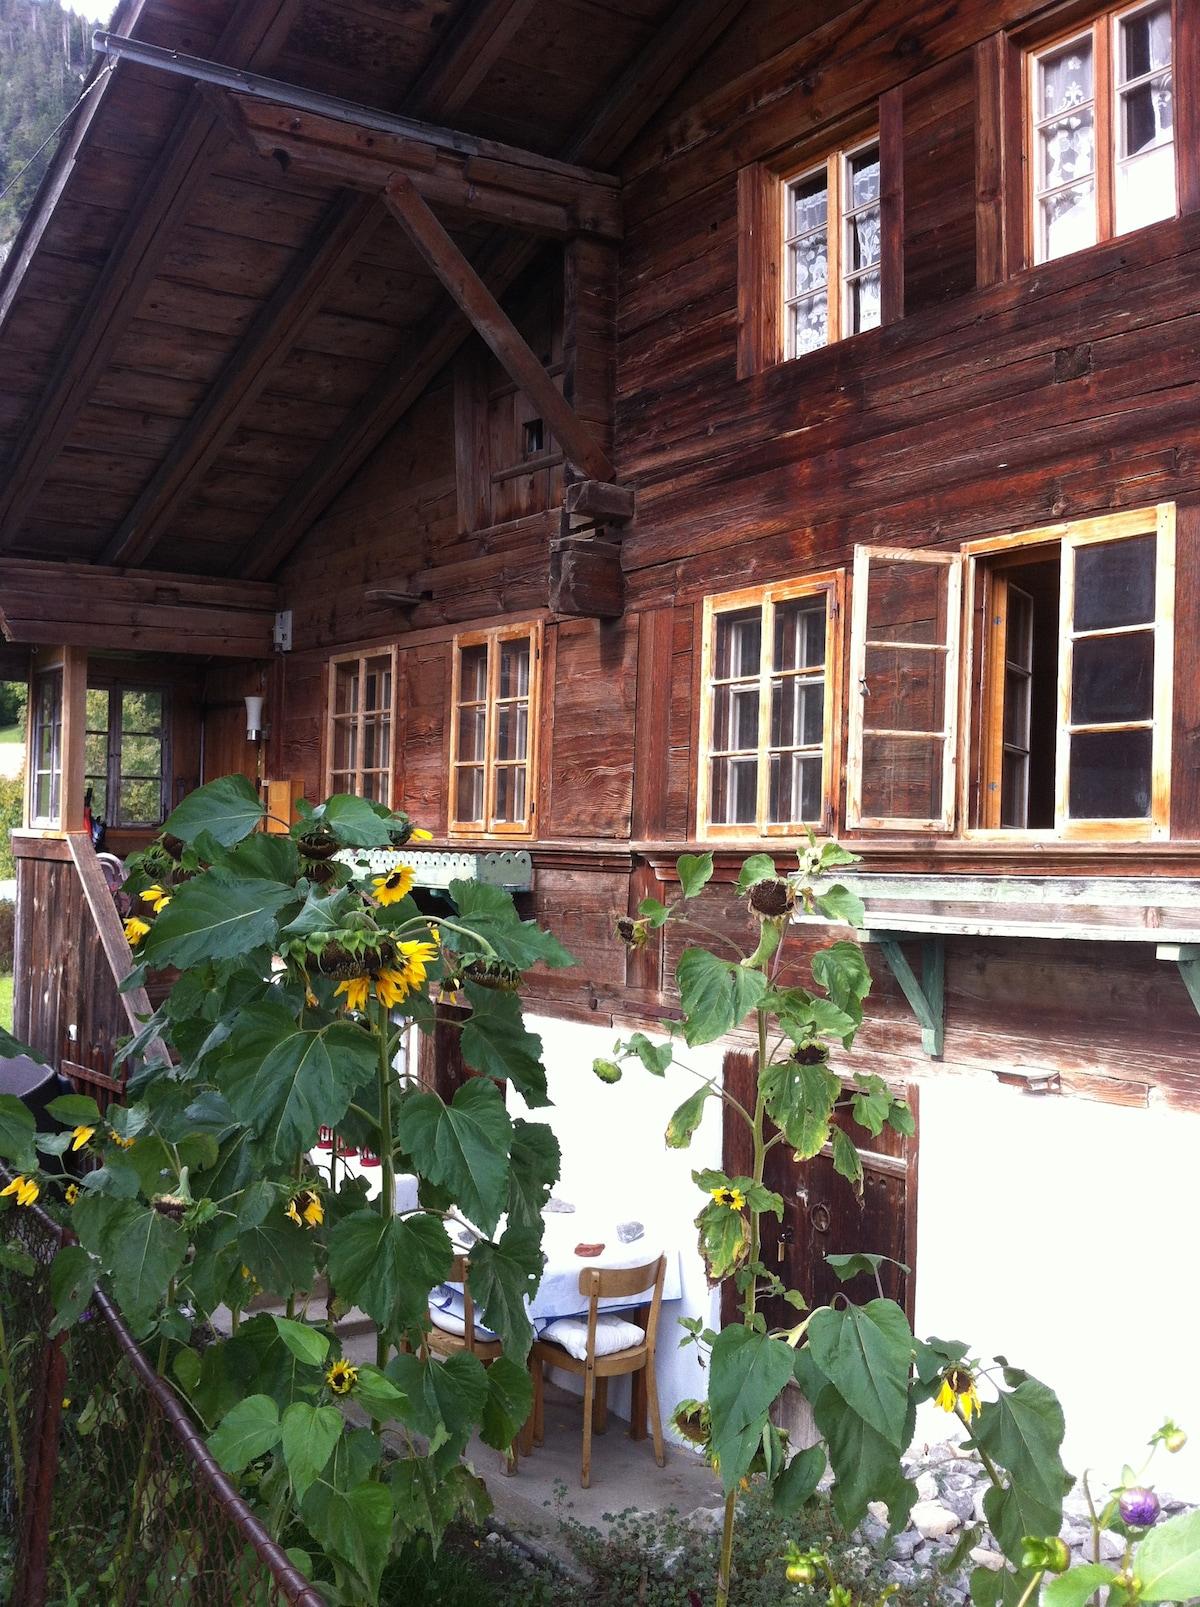 400 Year Chalet, Interlaken/Gstaad